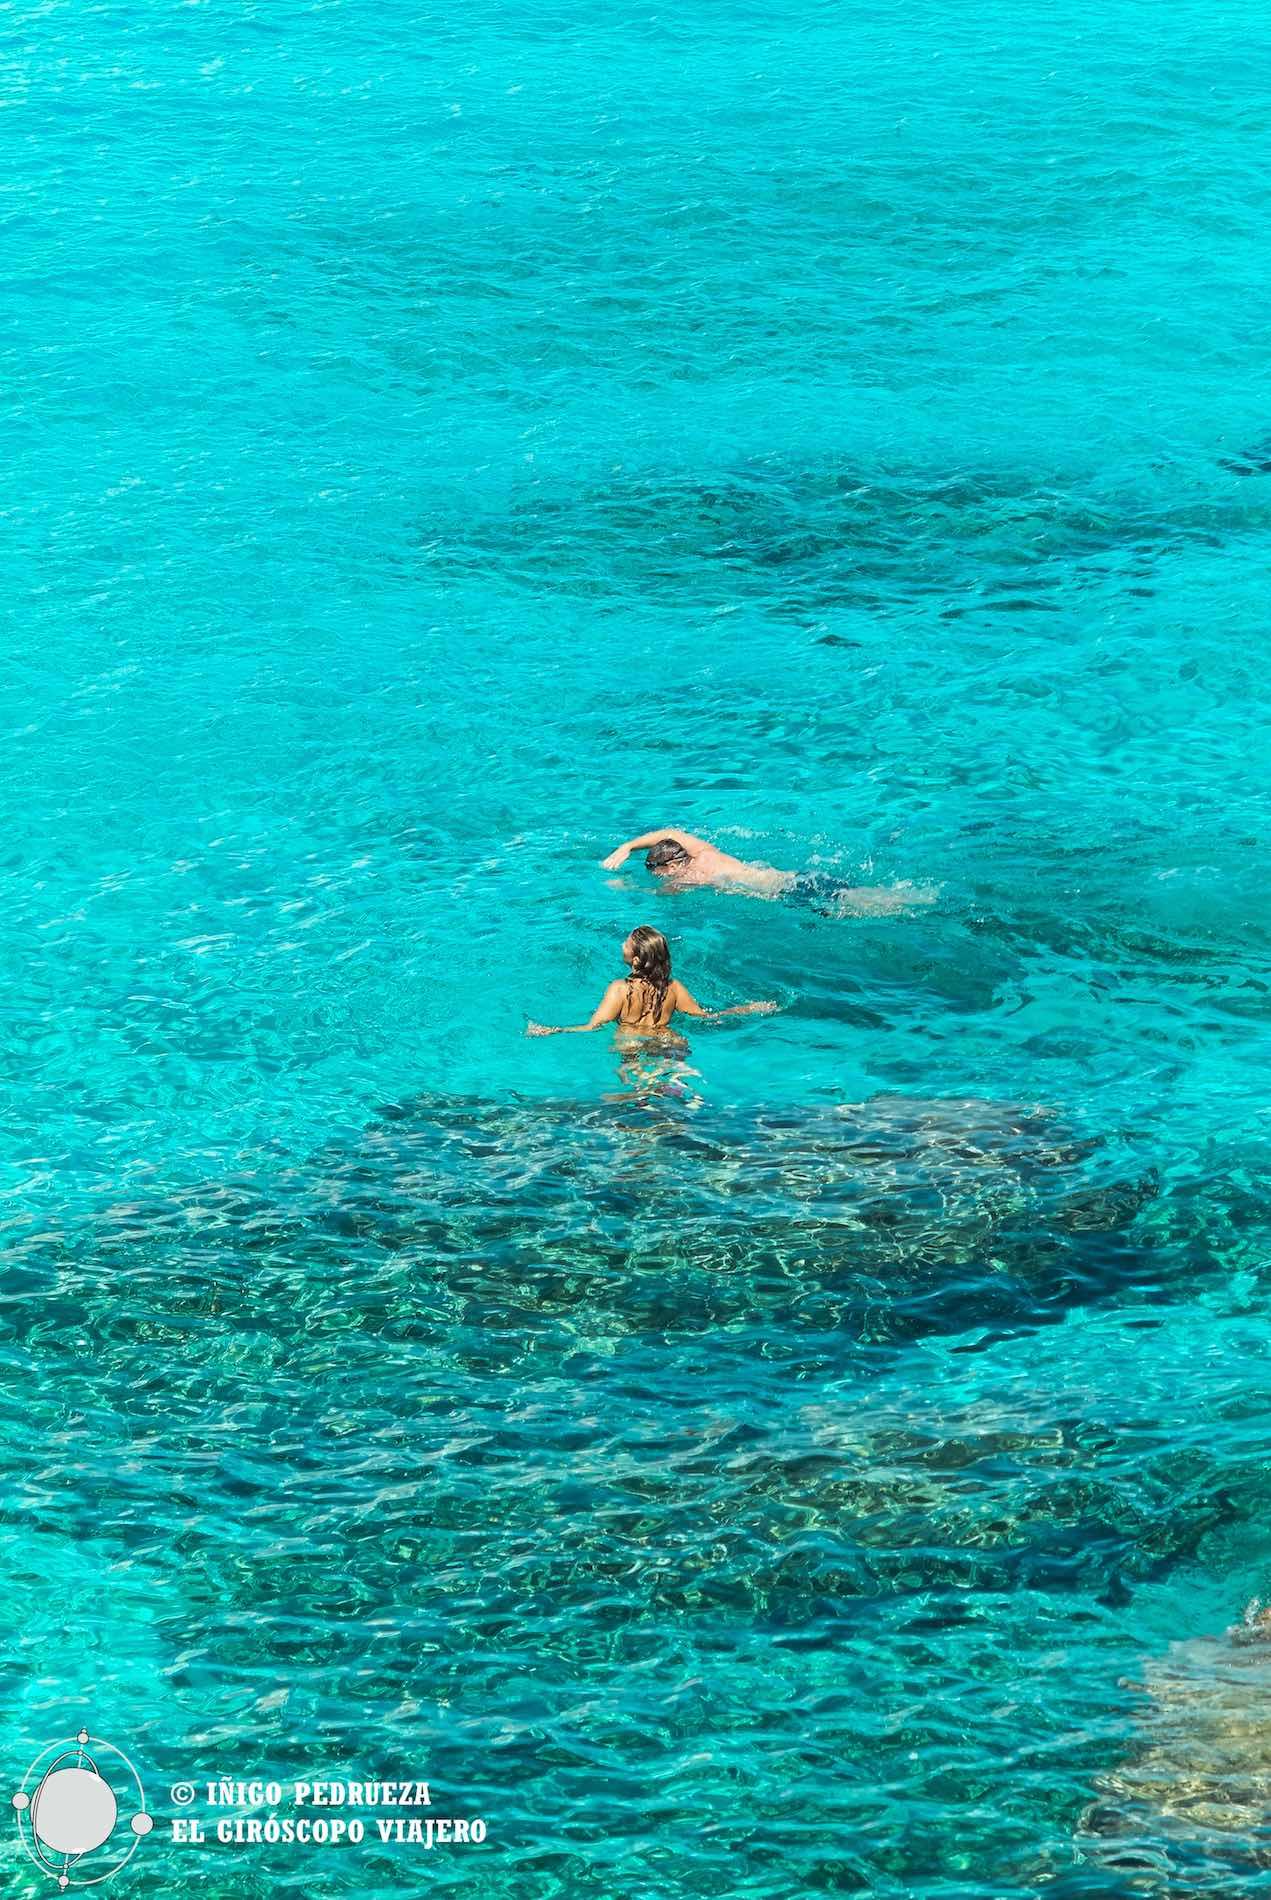 Anciennes carrières qui sont des plages, des eaux turquoises à perte de vue... Favignana c'est un paradis. ©Iñigo Pedrueza.